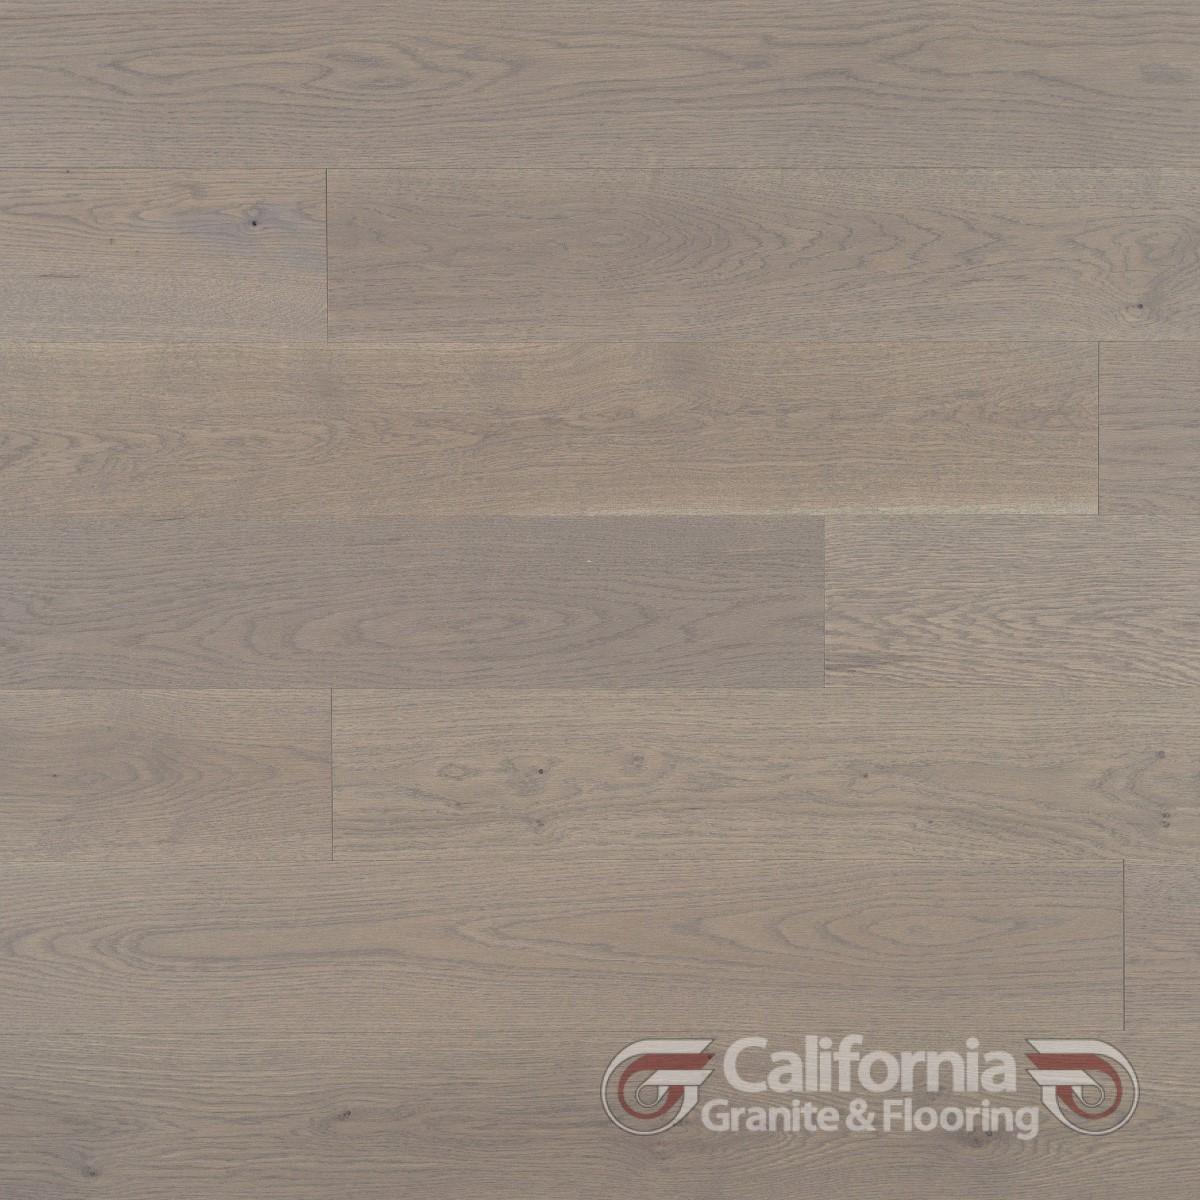 hardwood-flooring-white-oak-grey-drizzle-character-brushed-2